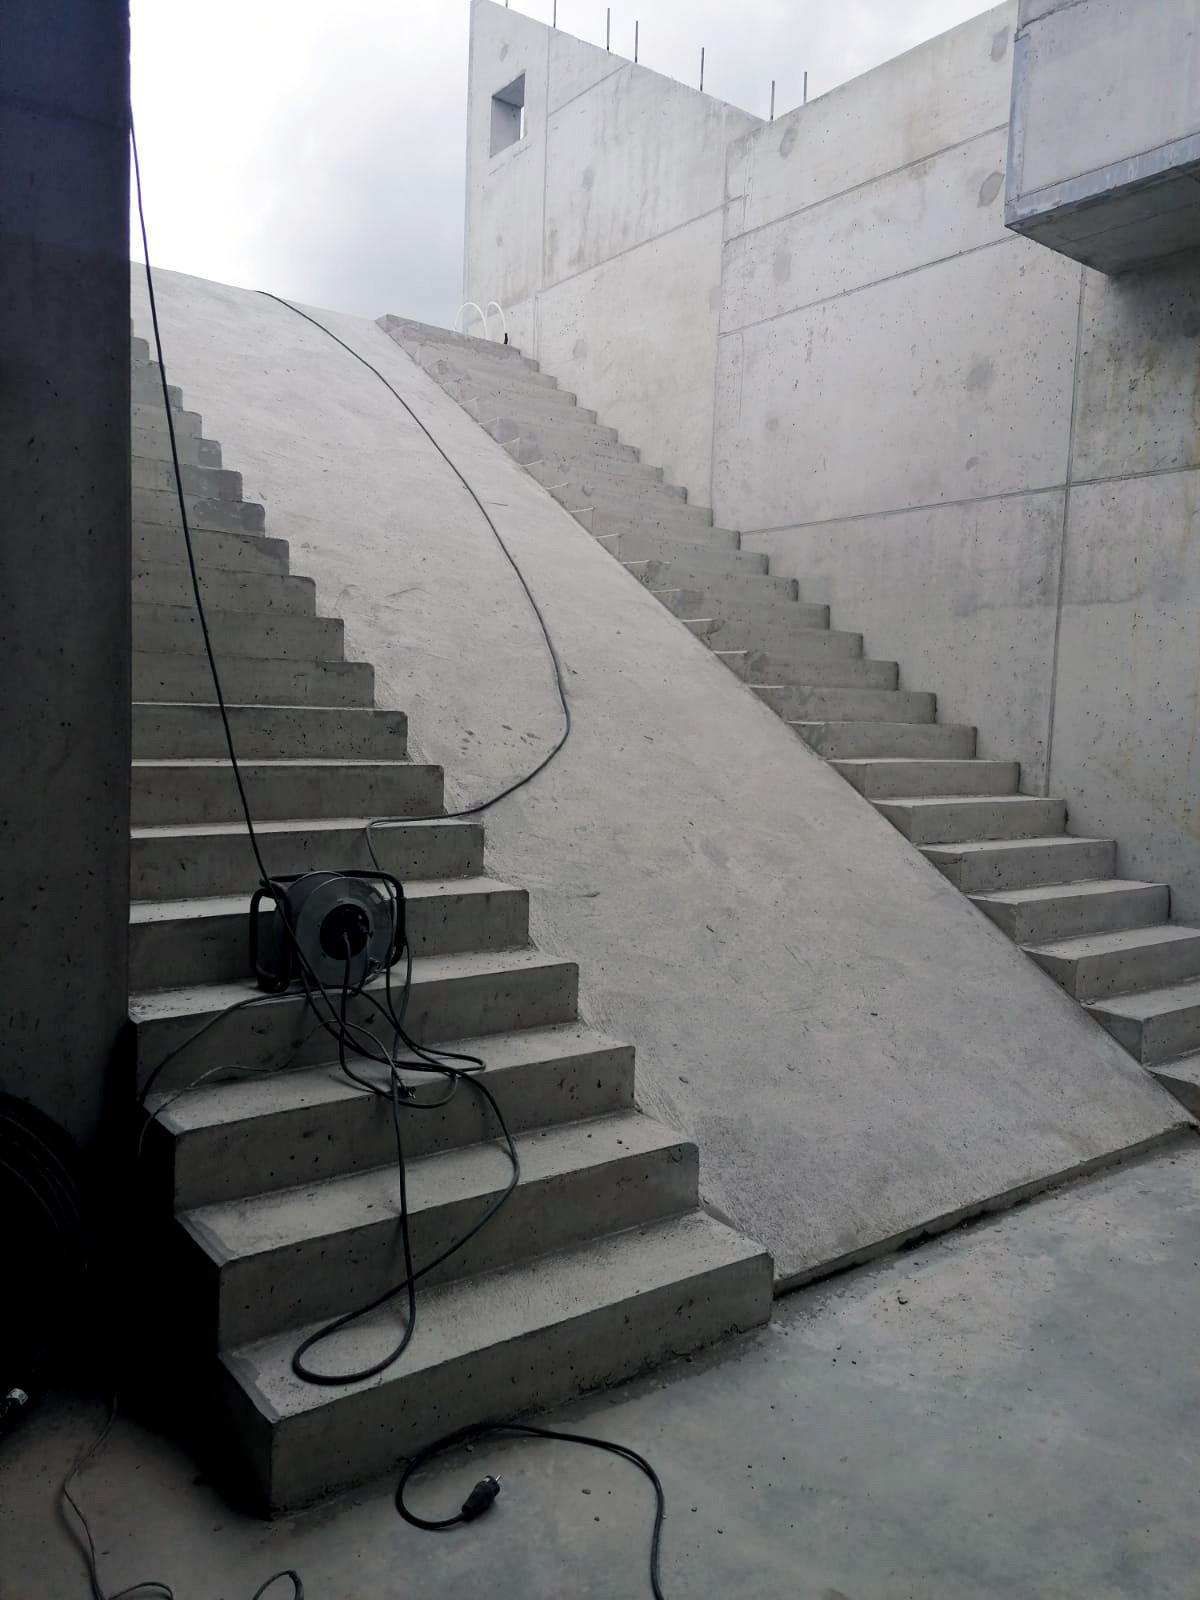 Seinajoki-kattilalaitos